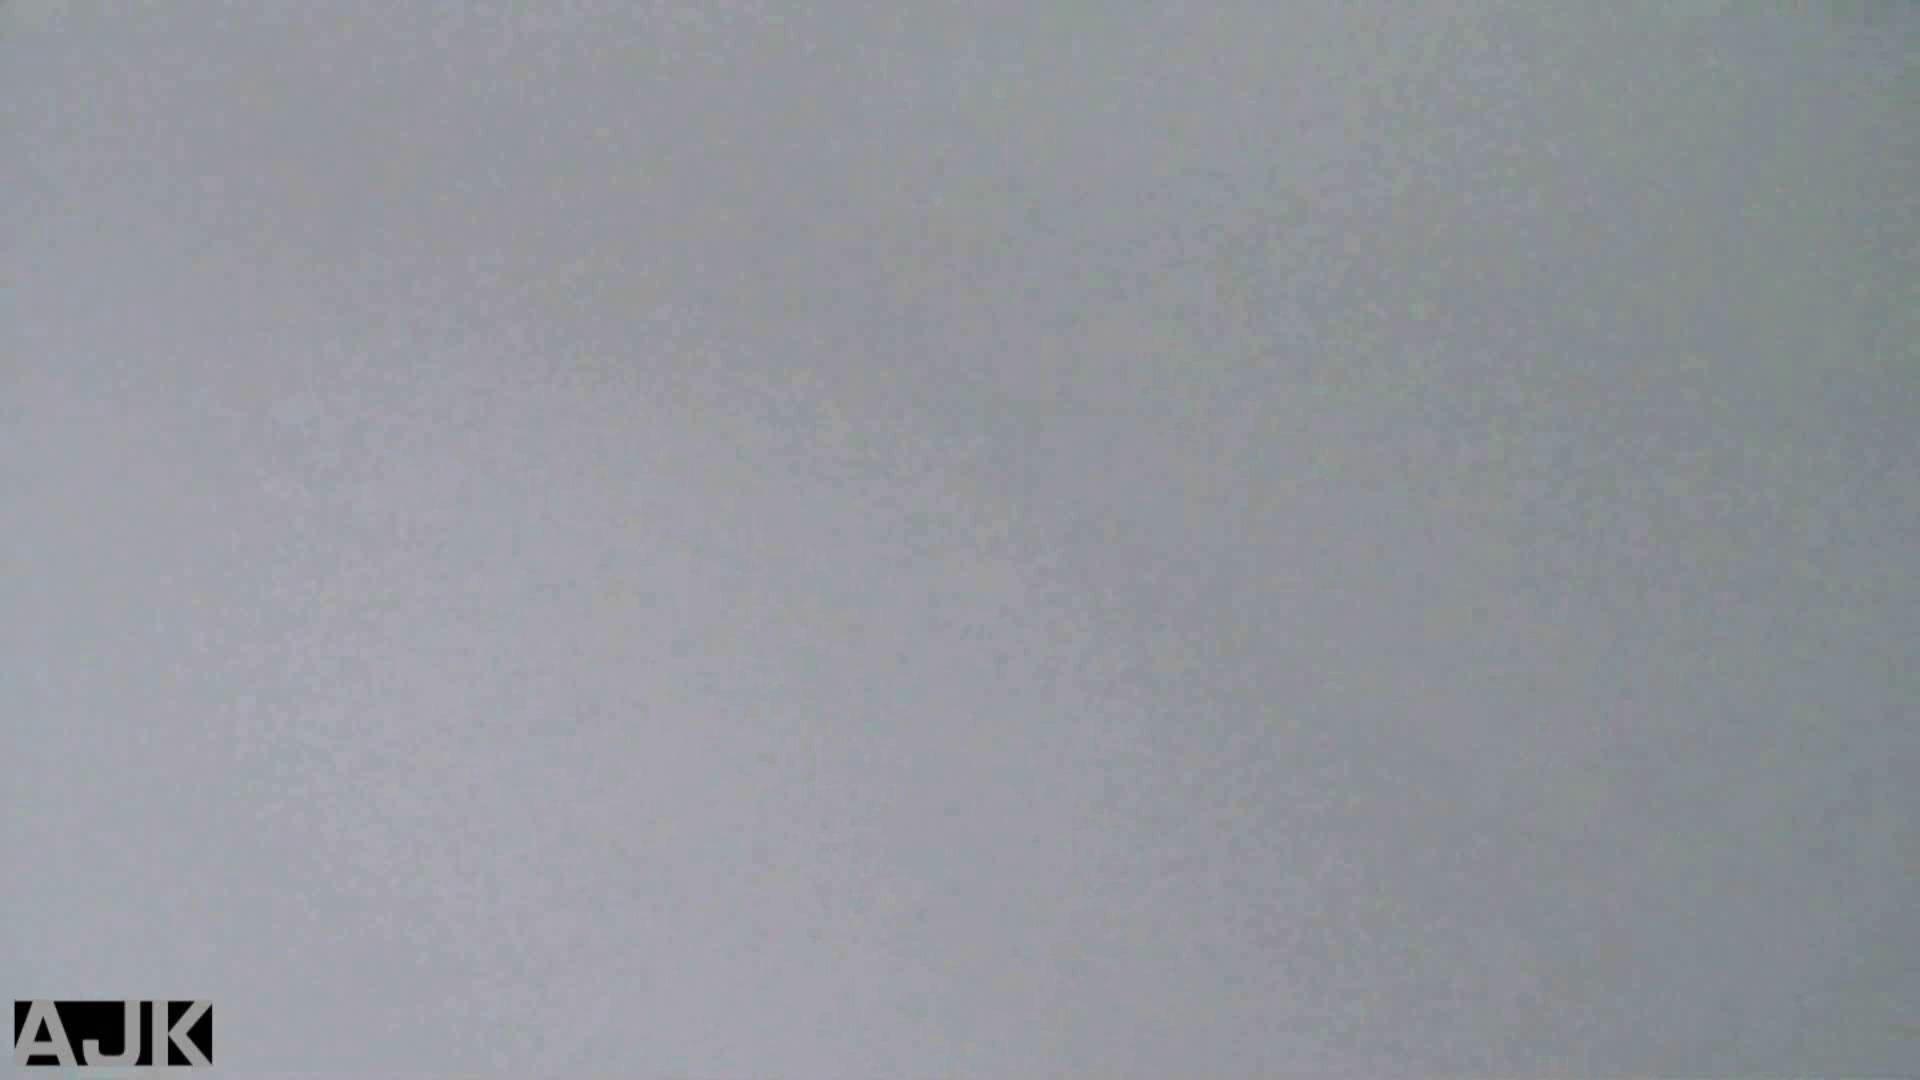 神降臨!史上最強の潜入かわや! vol.25 オマンコ | 肛門  82pic 14